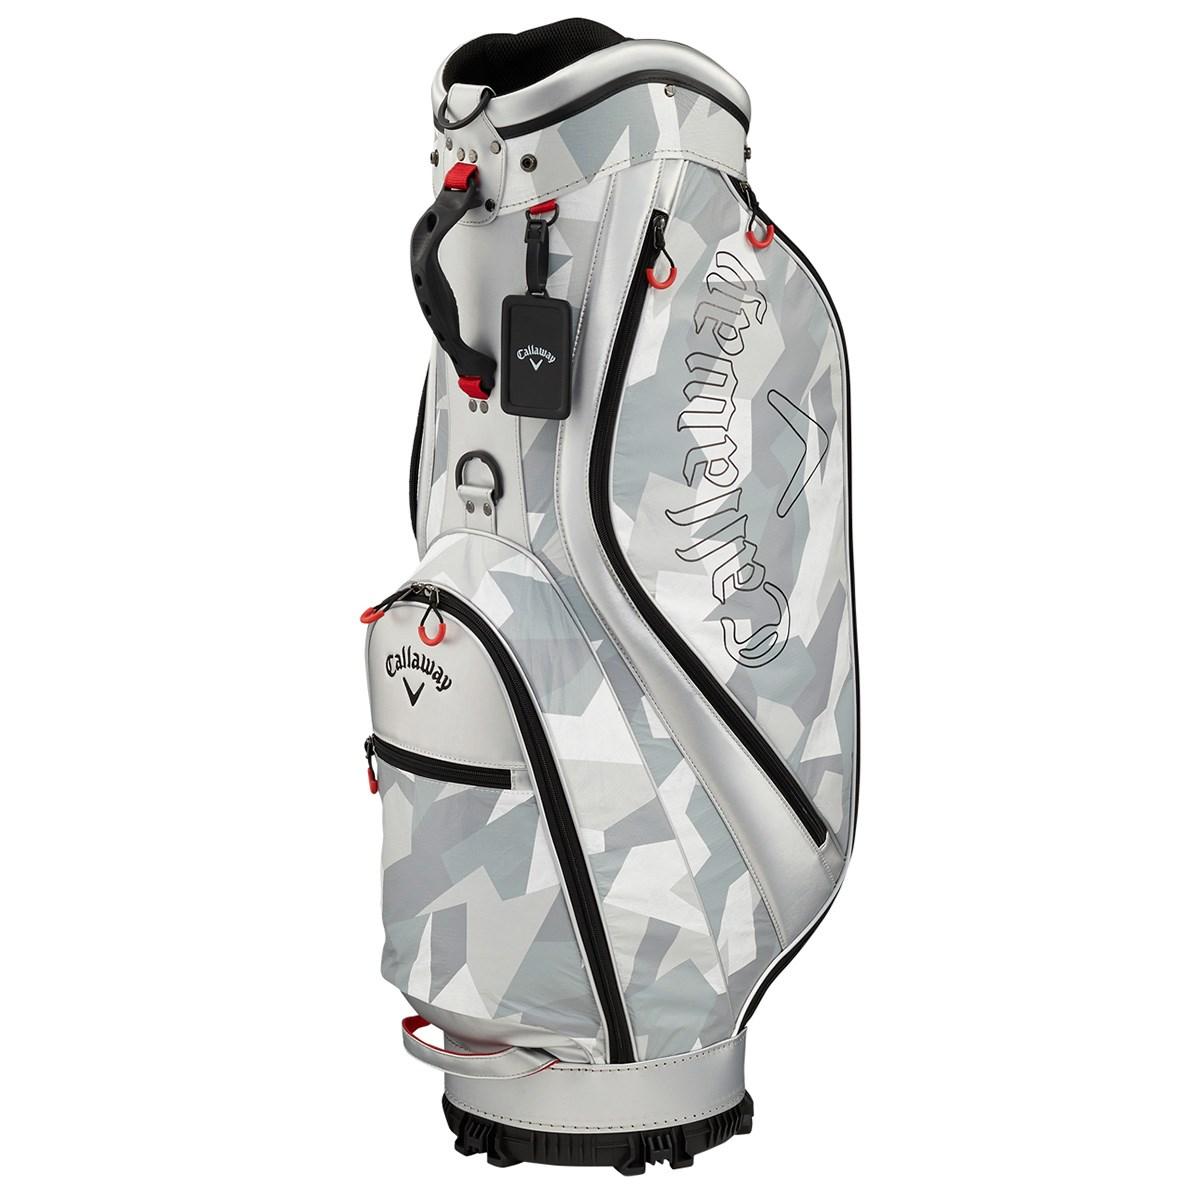 キャロウェイゴルフ(Callaway Golf) LIGHT JM キャディバッグ